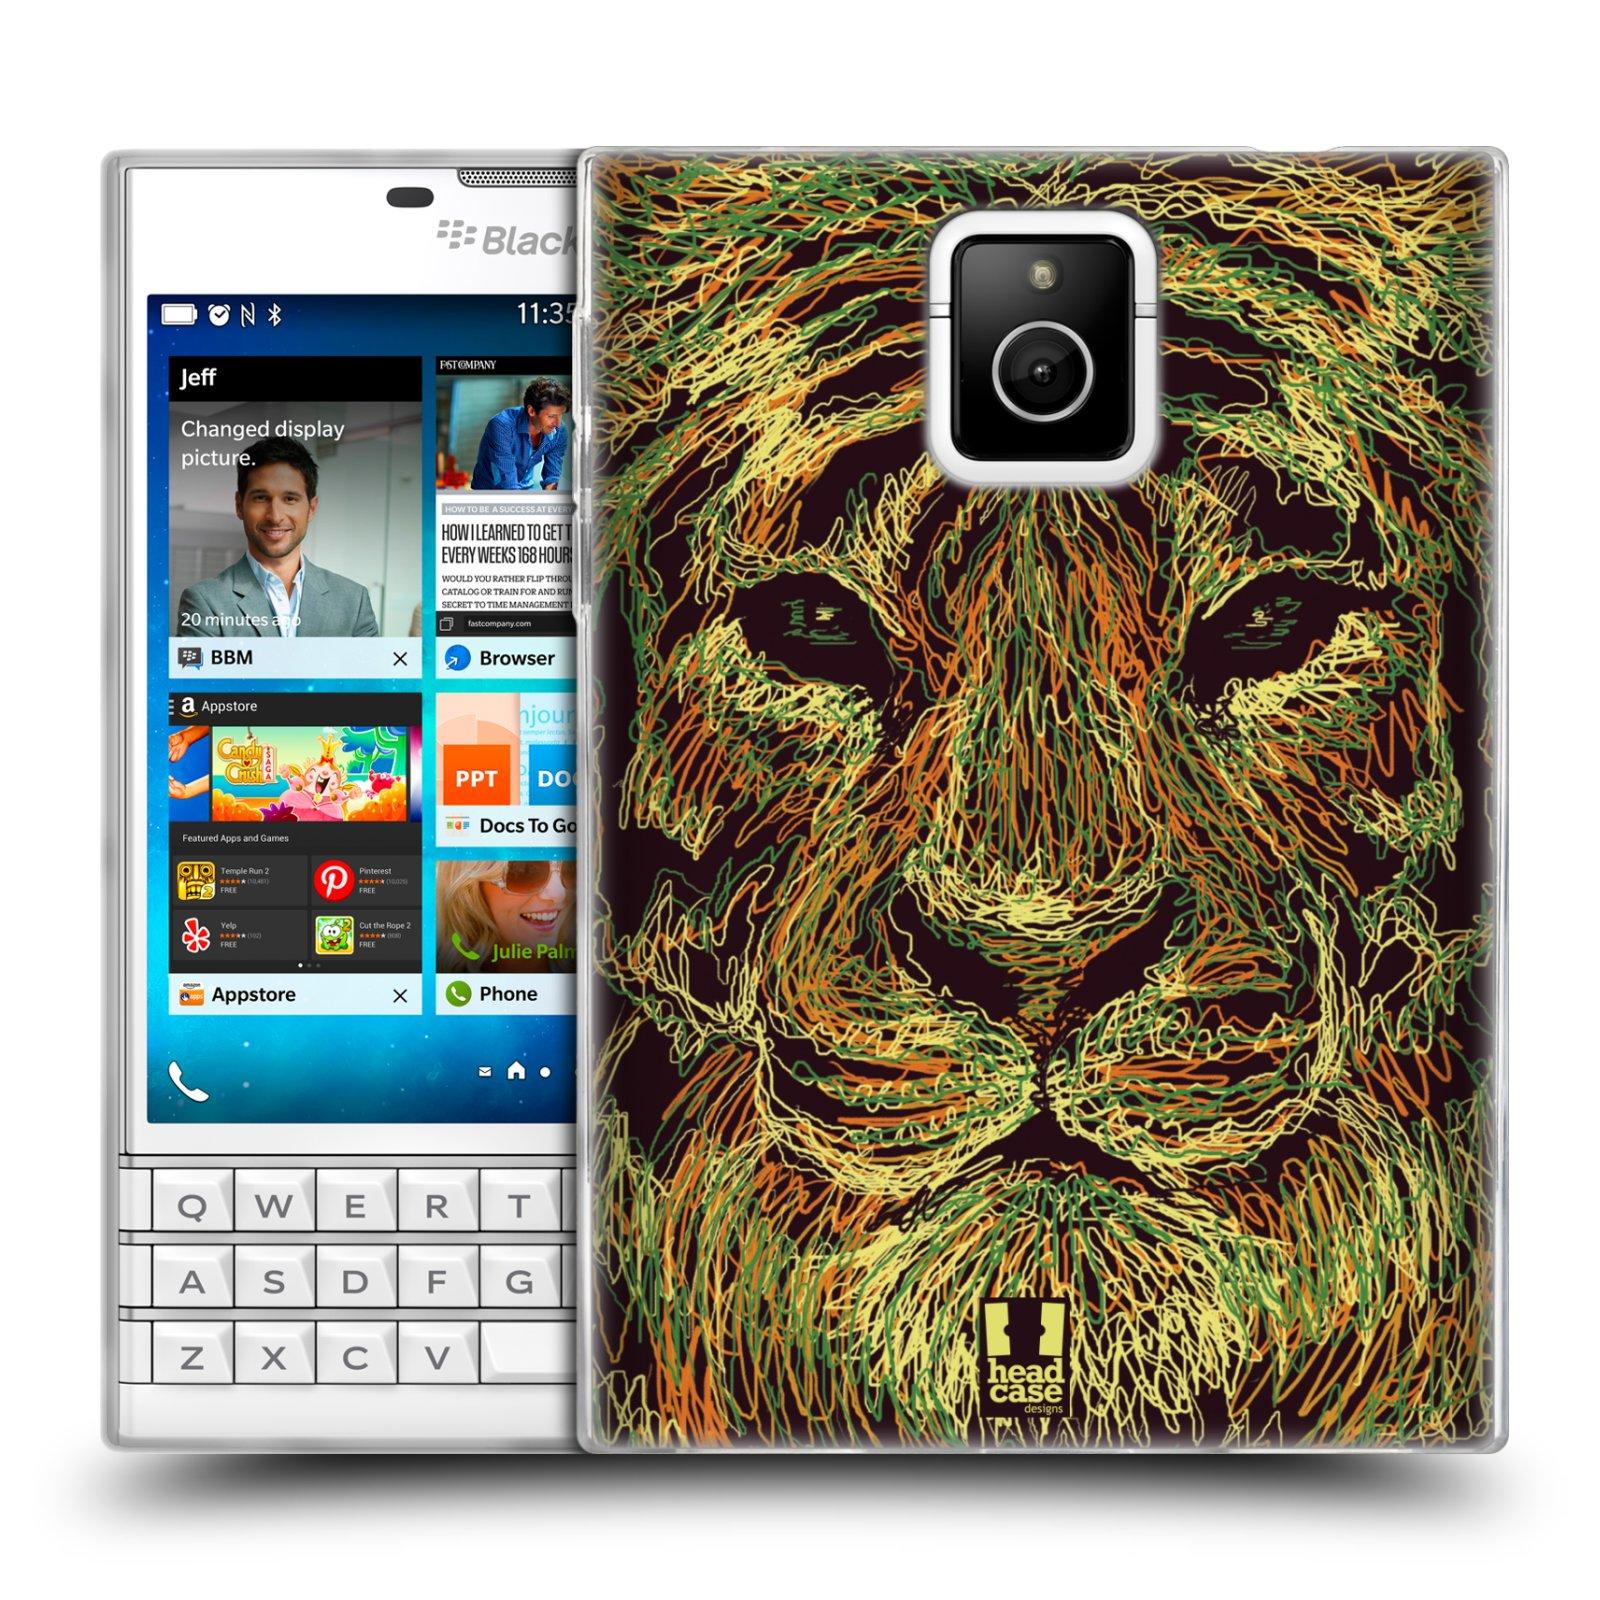 HEAD CASE silikonový obal na mobil Blackberry PASSPORT vzor zvíře čmáranice tygr